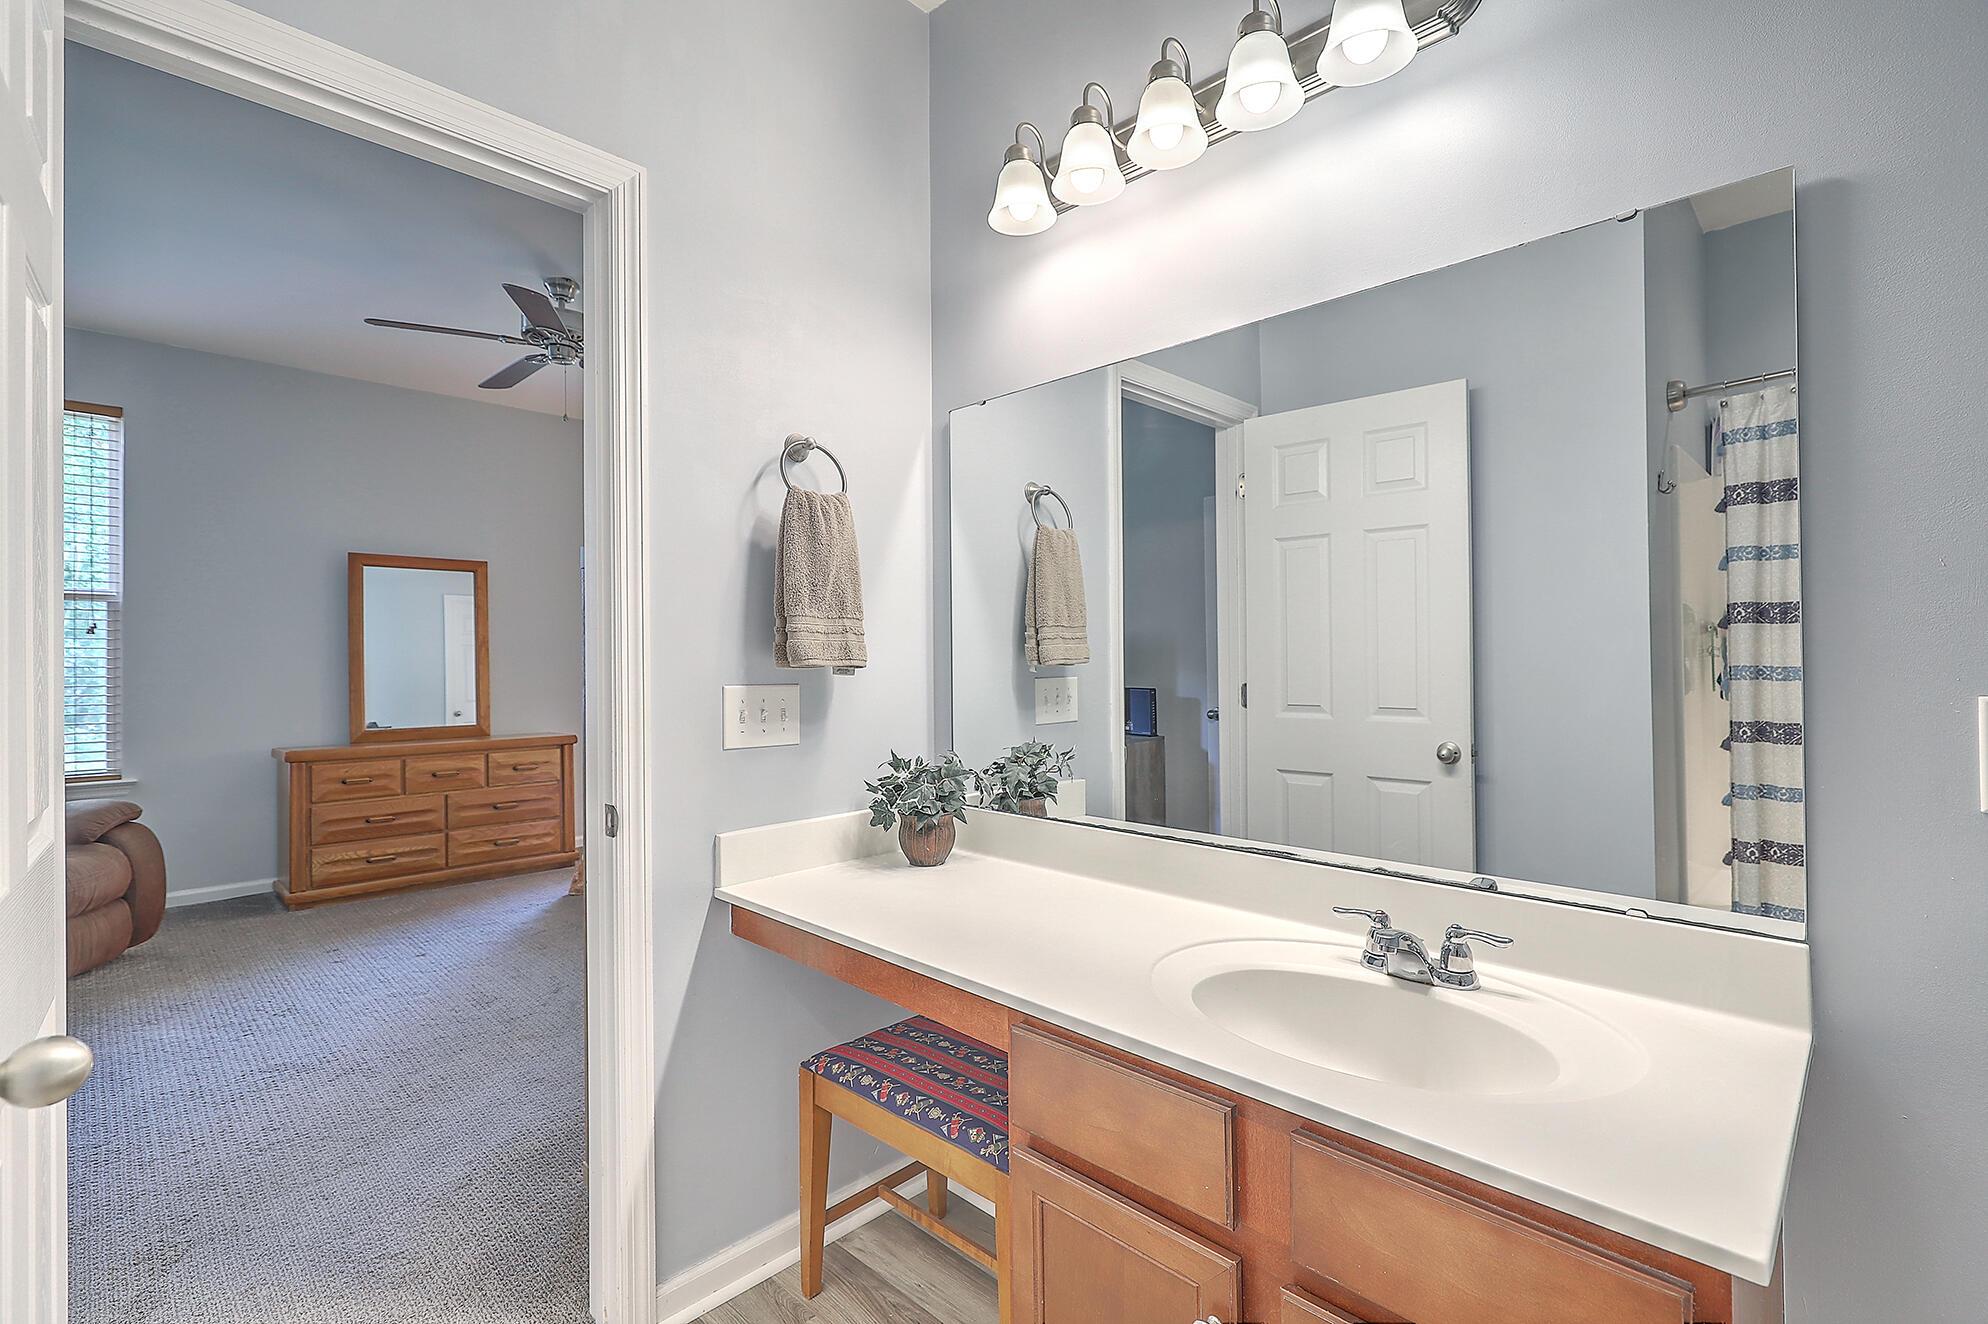 Lieben Park Homes For Sale - 3631 Franklin Tower, Mount Pleasant, SC - 8